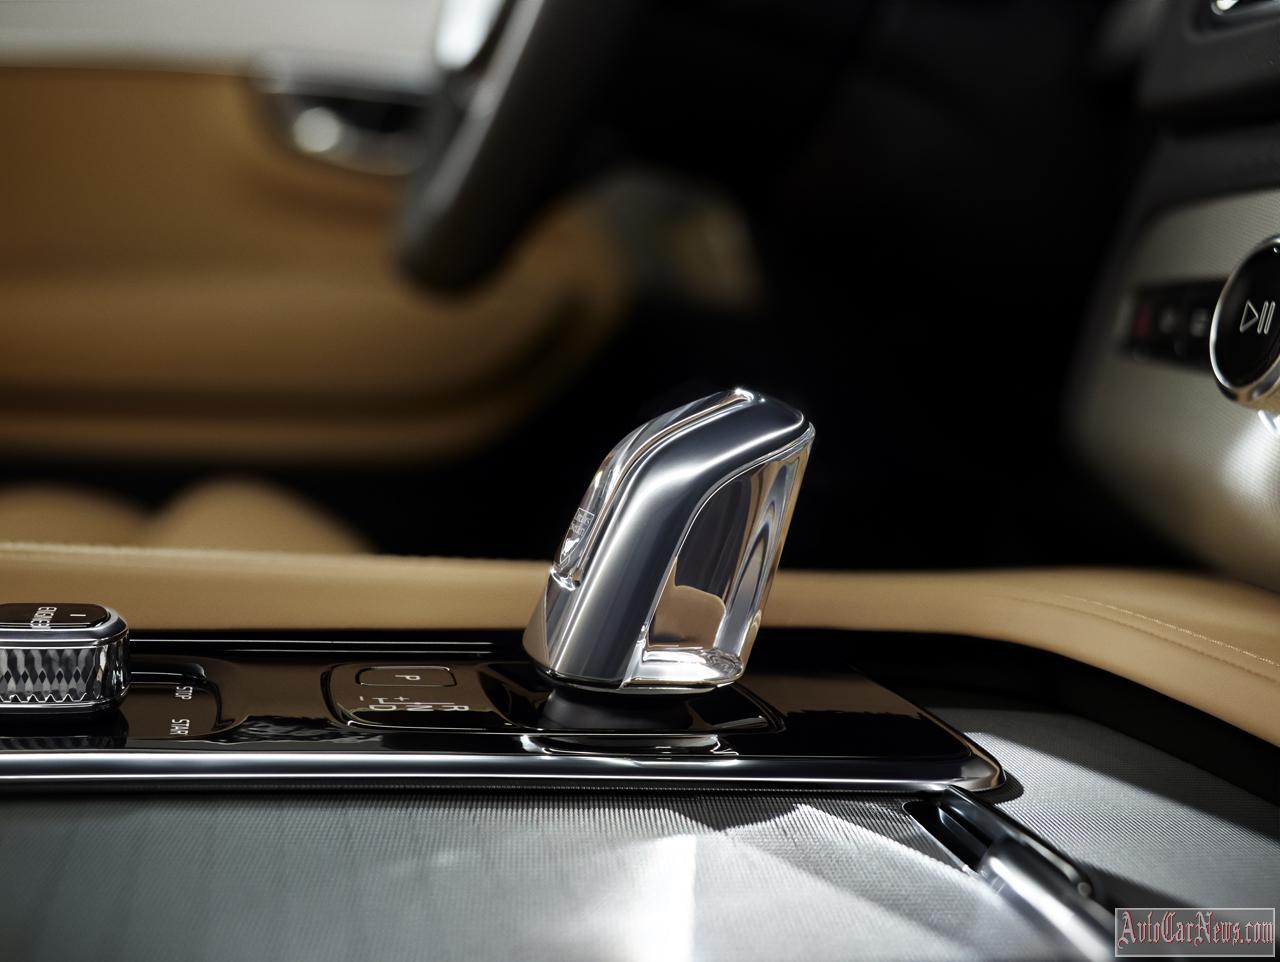 2015 Volvo XC90 Photo Gallery